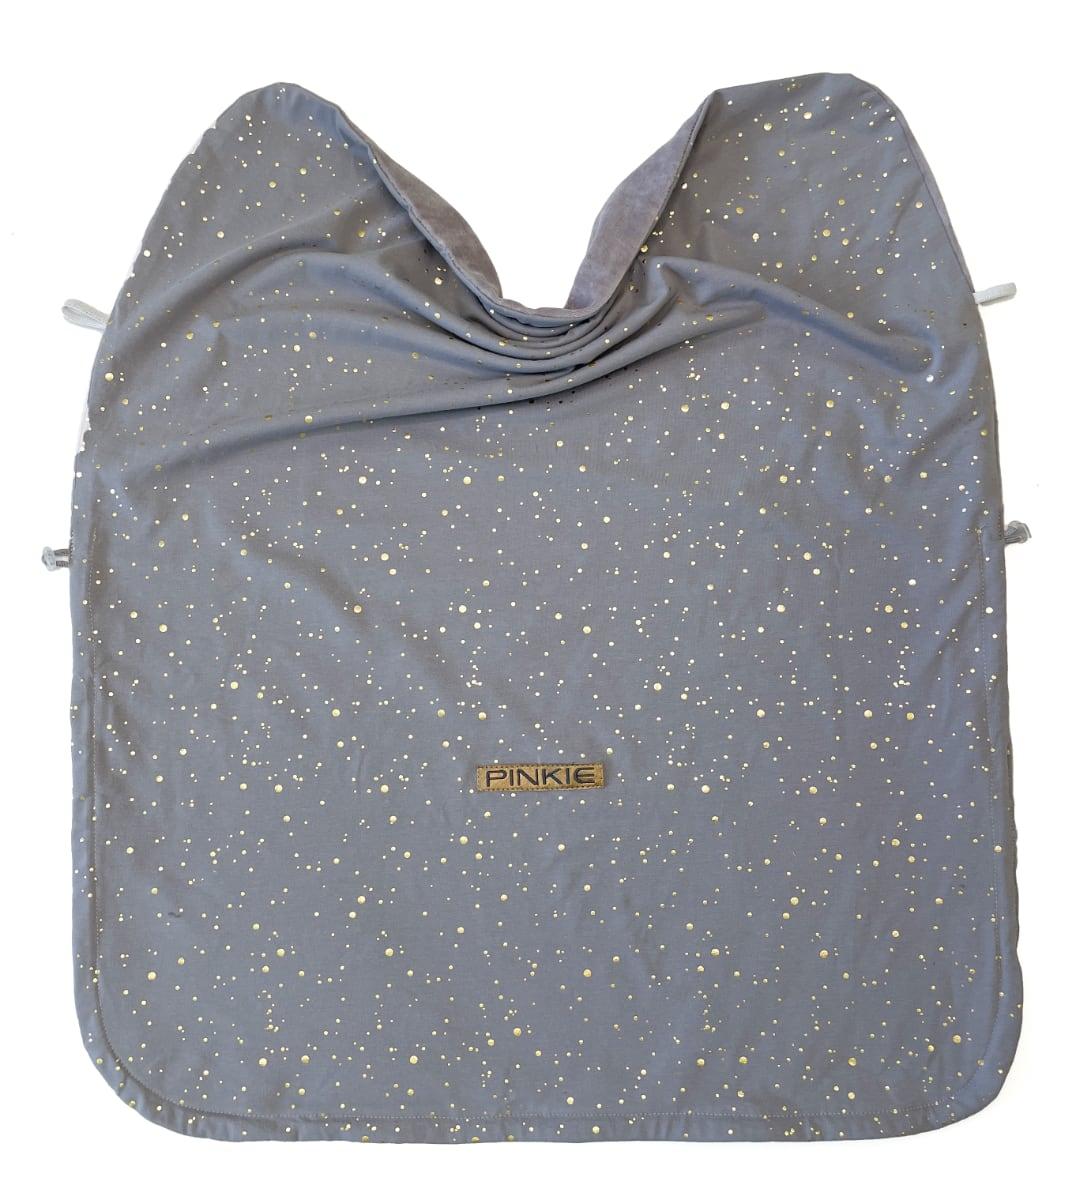 kliknutít zobrazíte maximální velikost obrázku Zubindbare Decke  Shine Gold Grey